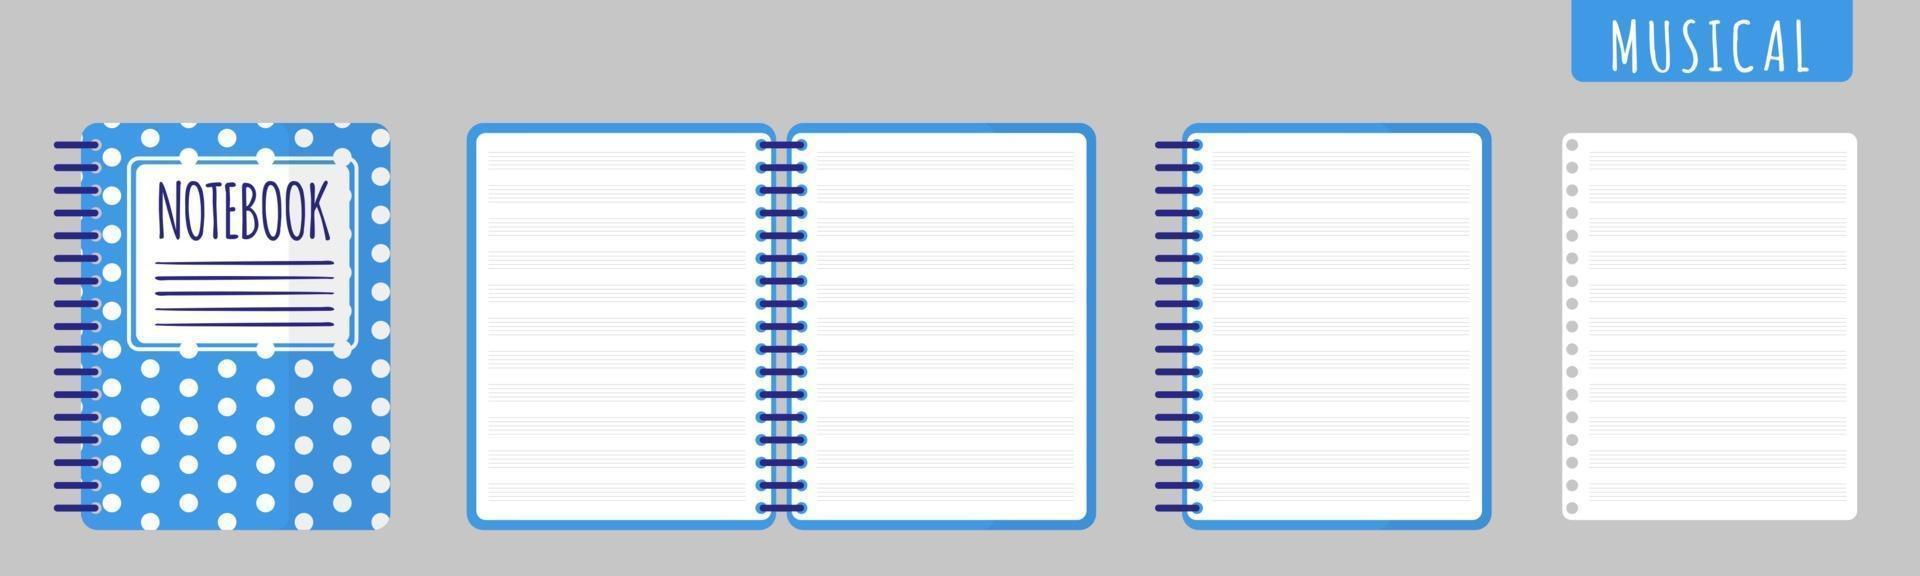 cartoon vectorillustratie met muzikale notebook, notitieblok openen en blanco vellen op witte achtergrond. vector